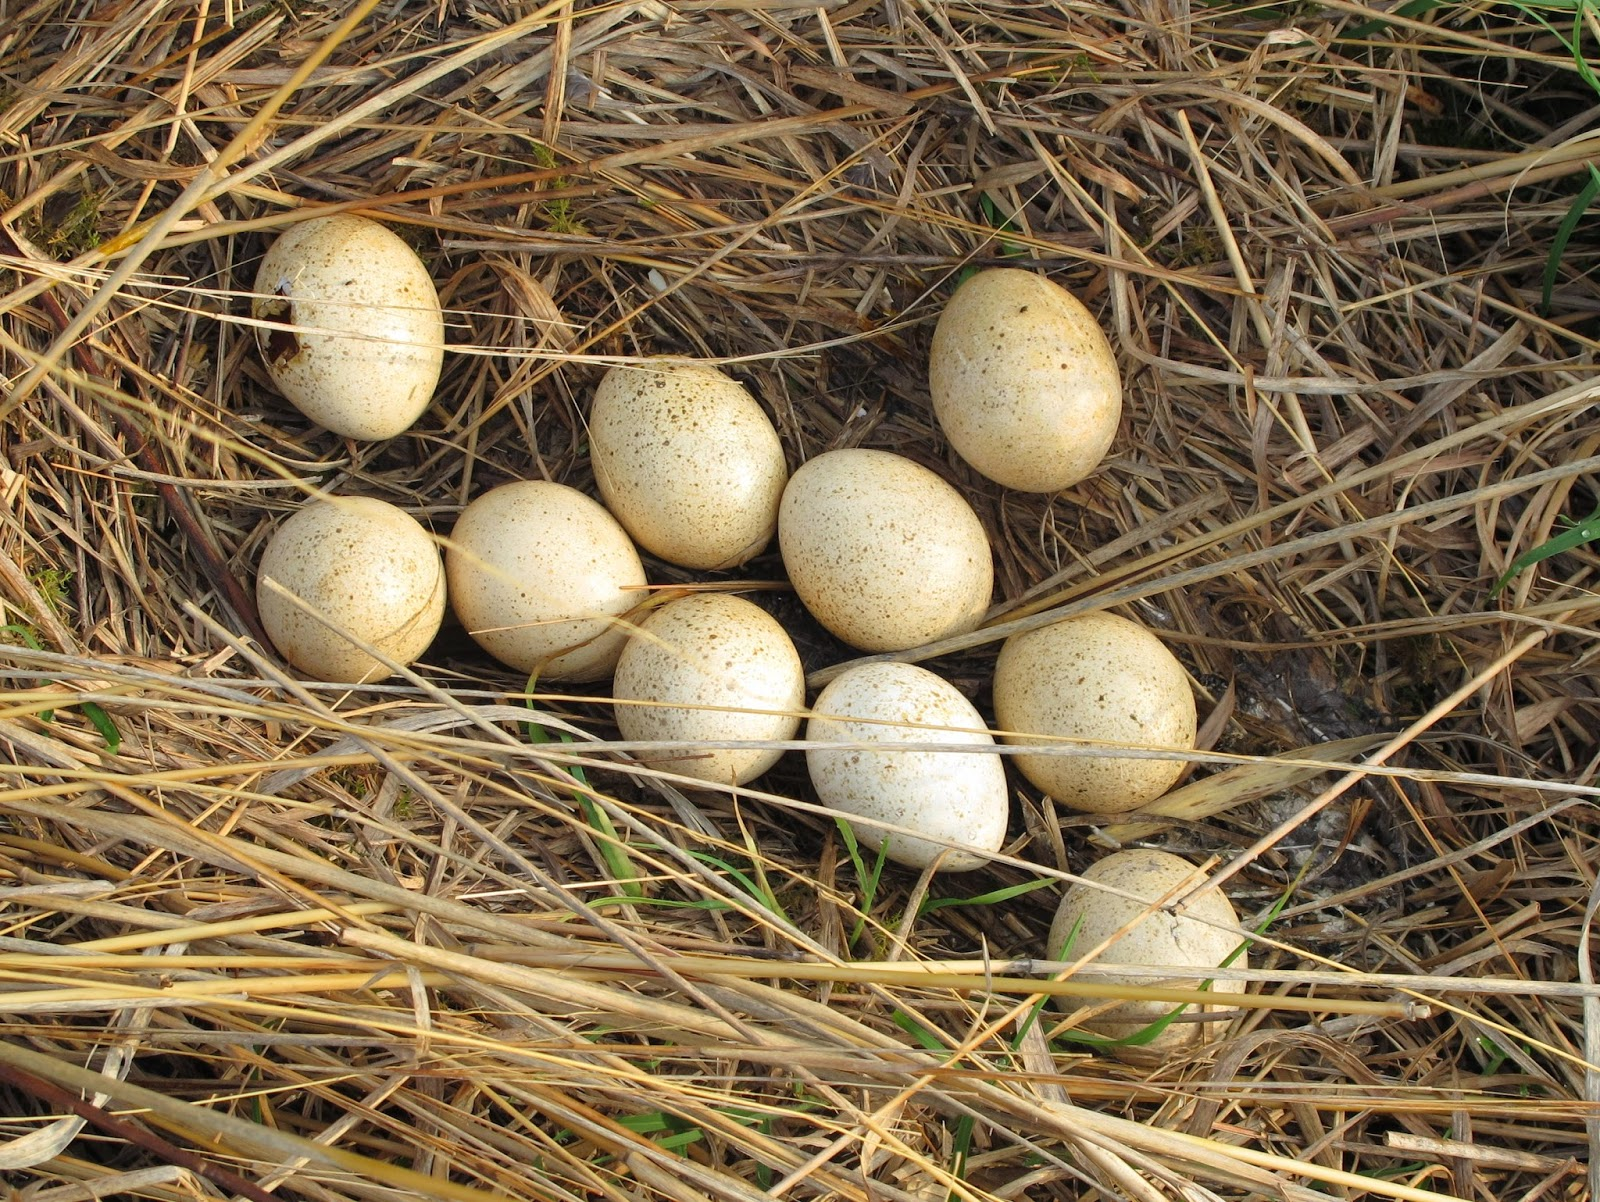 Turkey eggs hatching